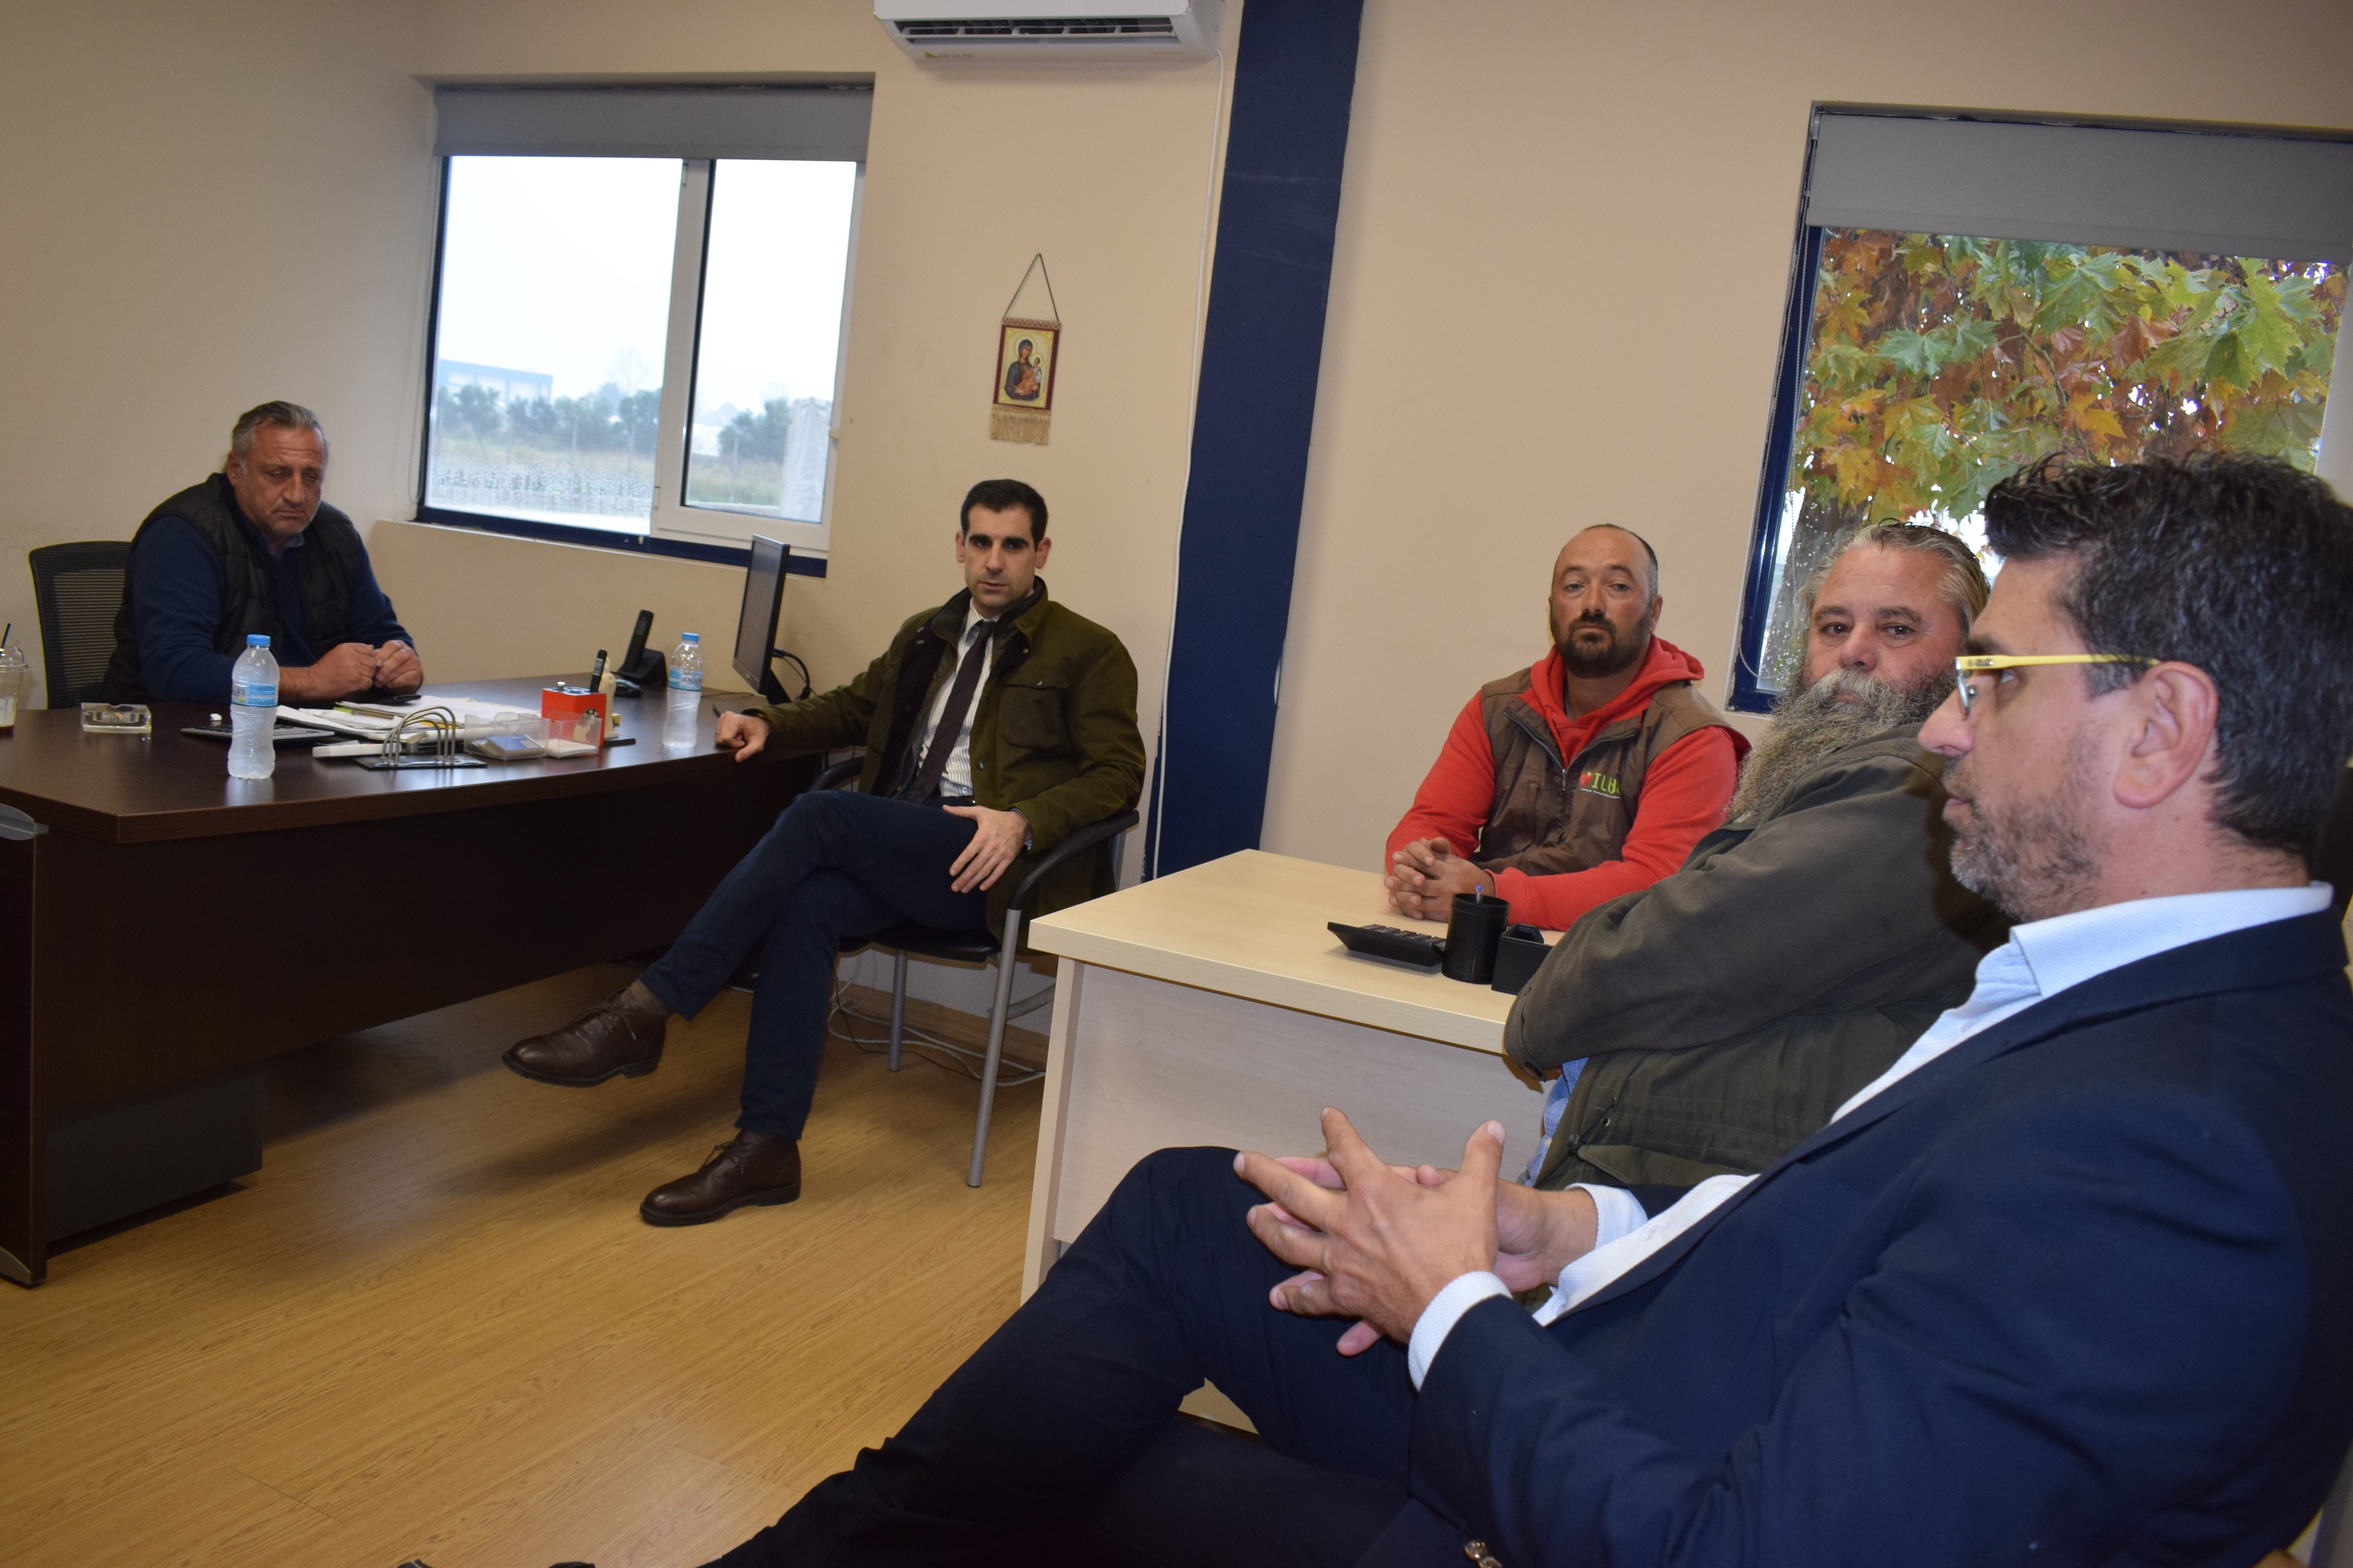 Δήμος Ανδραβίδας-Κυλλήνης: Ο Δήμαρχος Γιάννης Λέντζας και ο Αντιπεριφερειάρχης Βασίλης Γιαννόπουλος επισκέφθηκαν τις παραγωγικές δυνάμεις του Δήμου